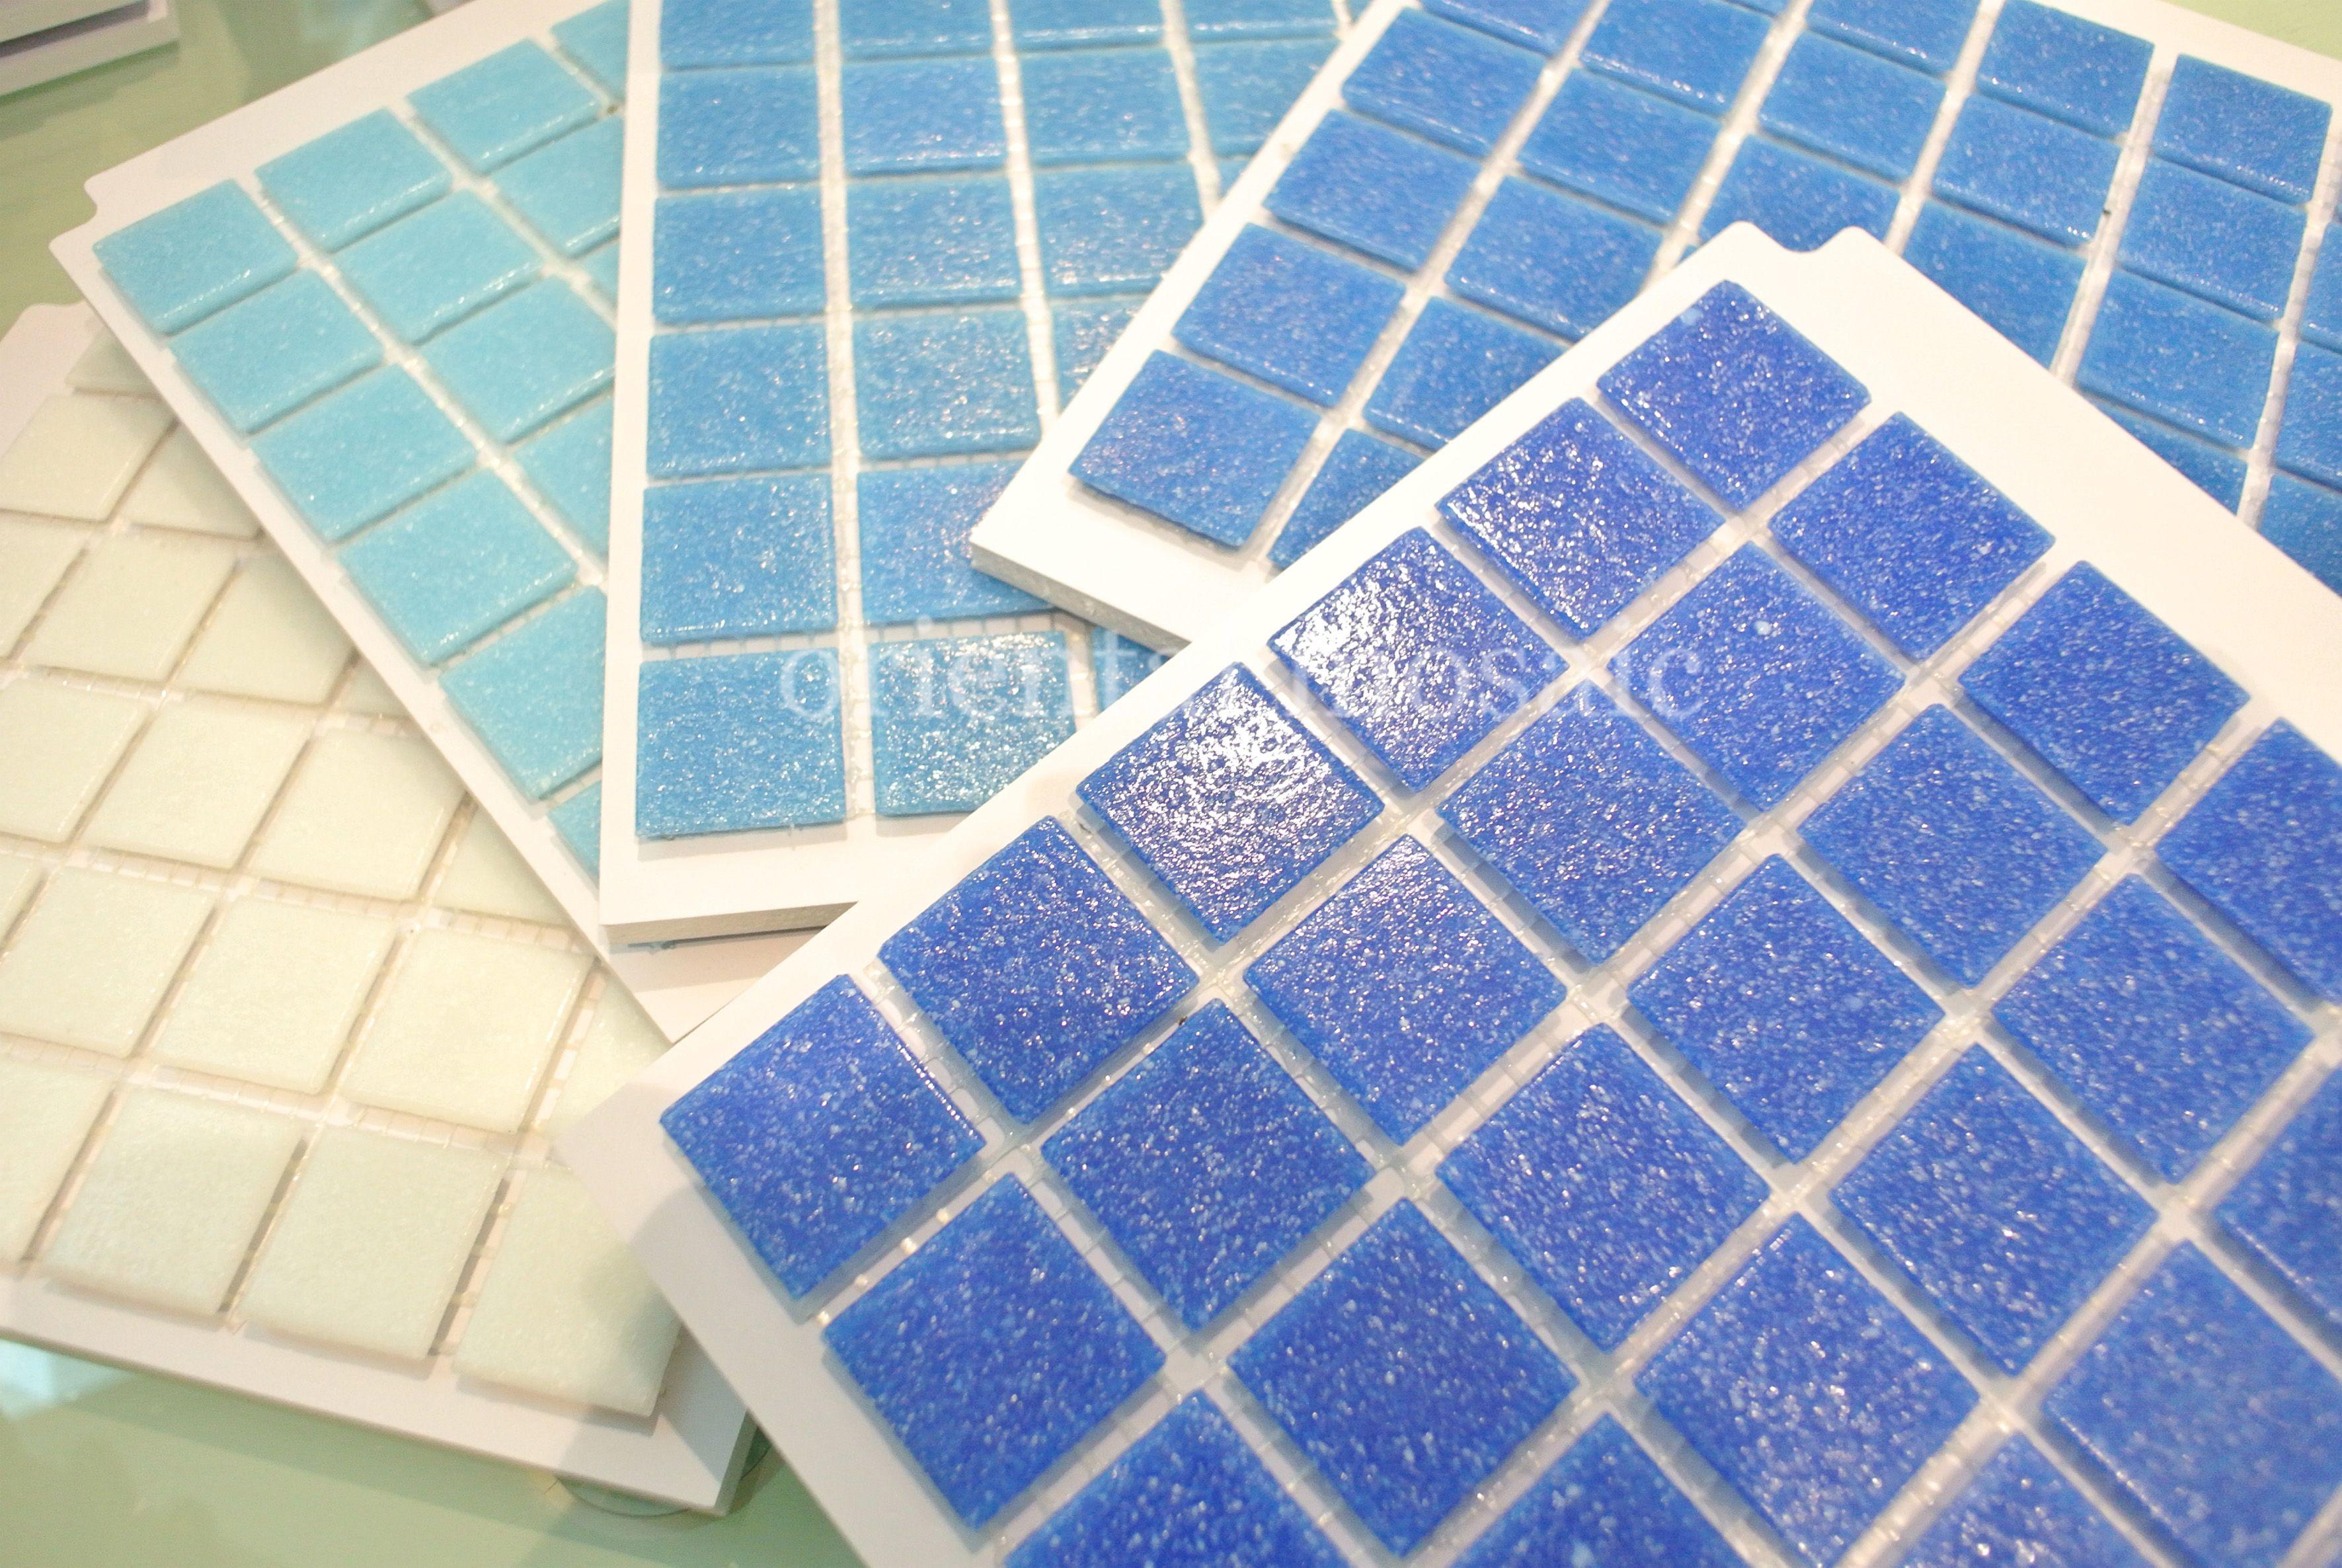 300 Pool Mosaic Tile Designs To Choose At Low Prices Mosaic Pool Swimming Pool Tiles Mosaic Pool Tile